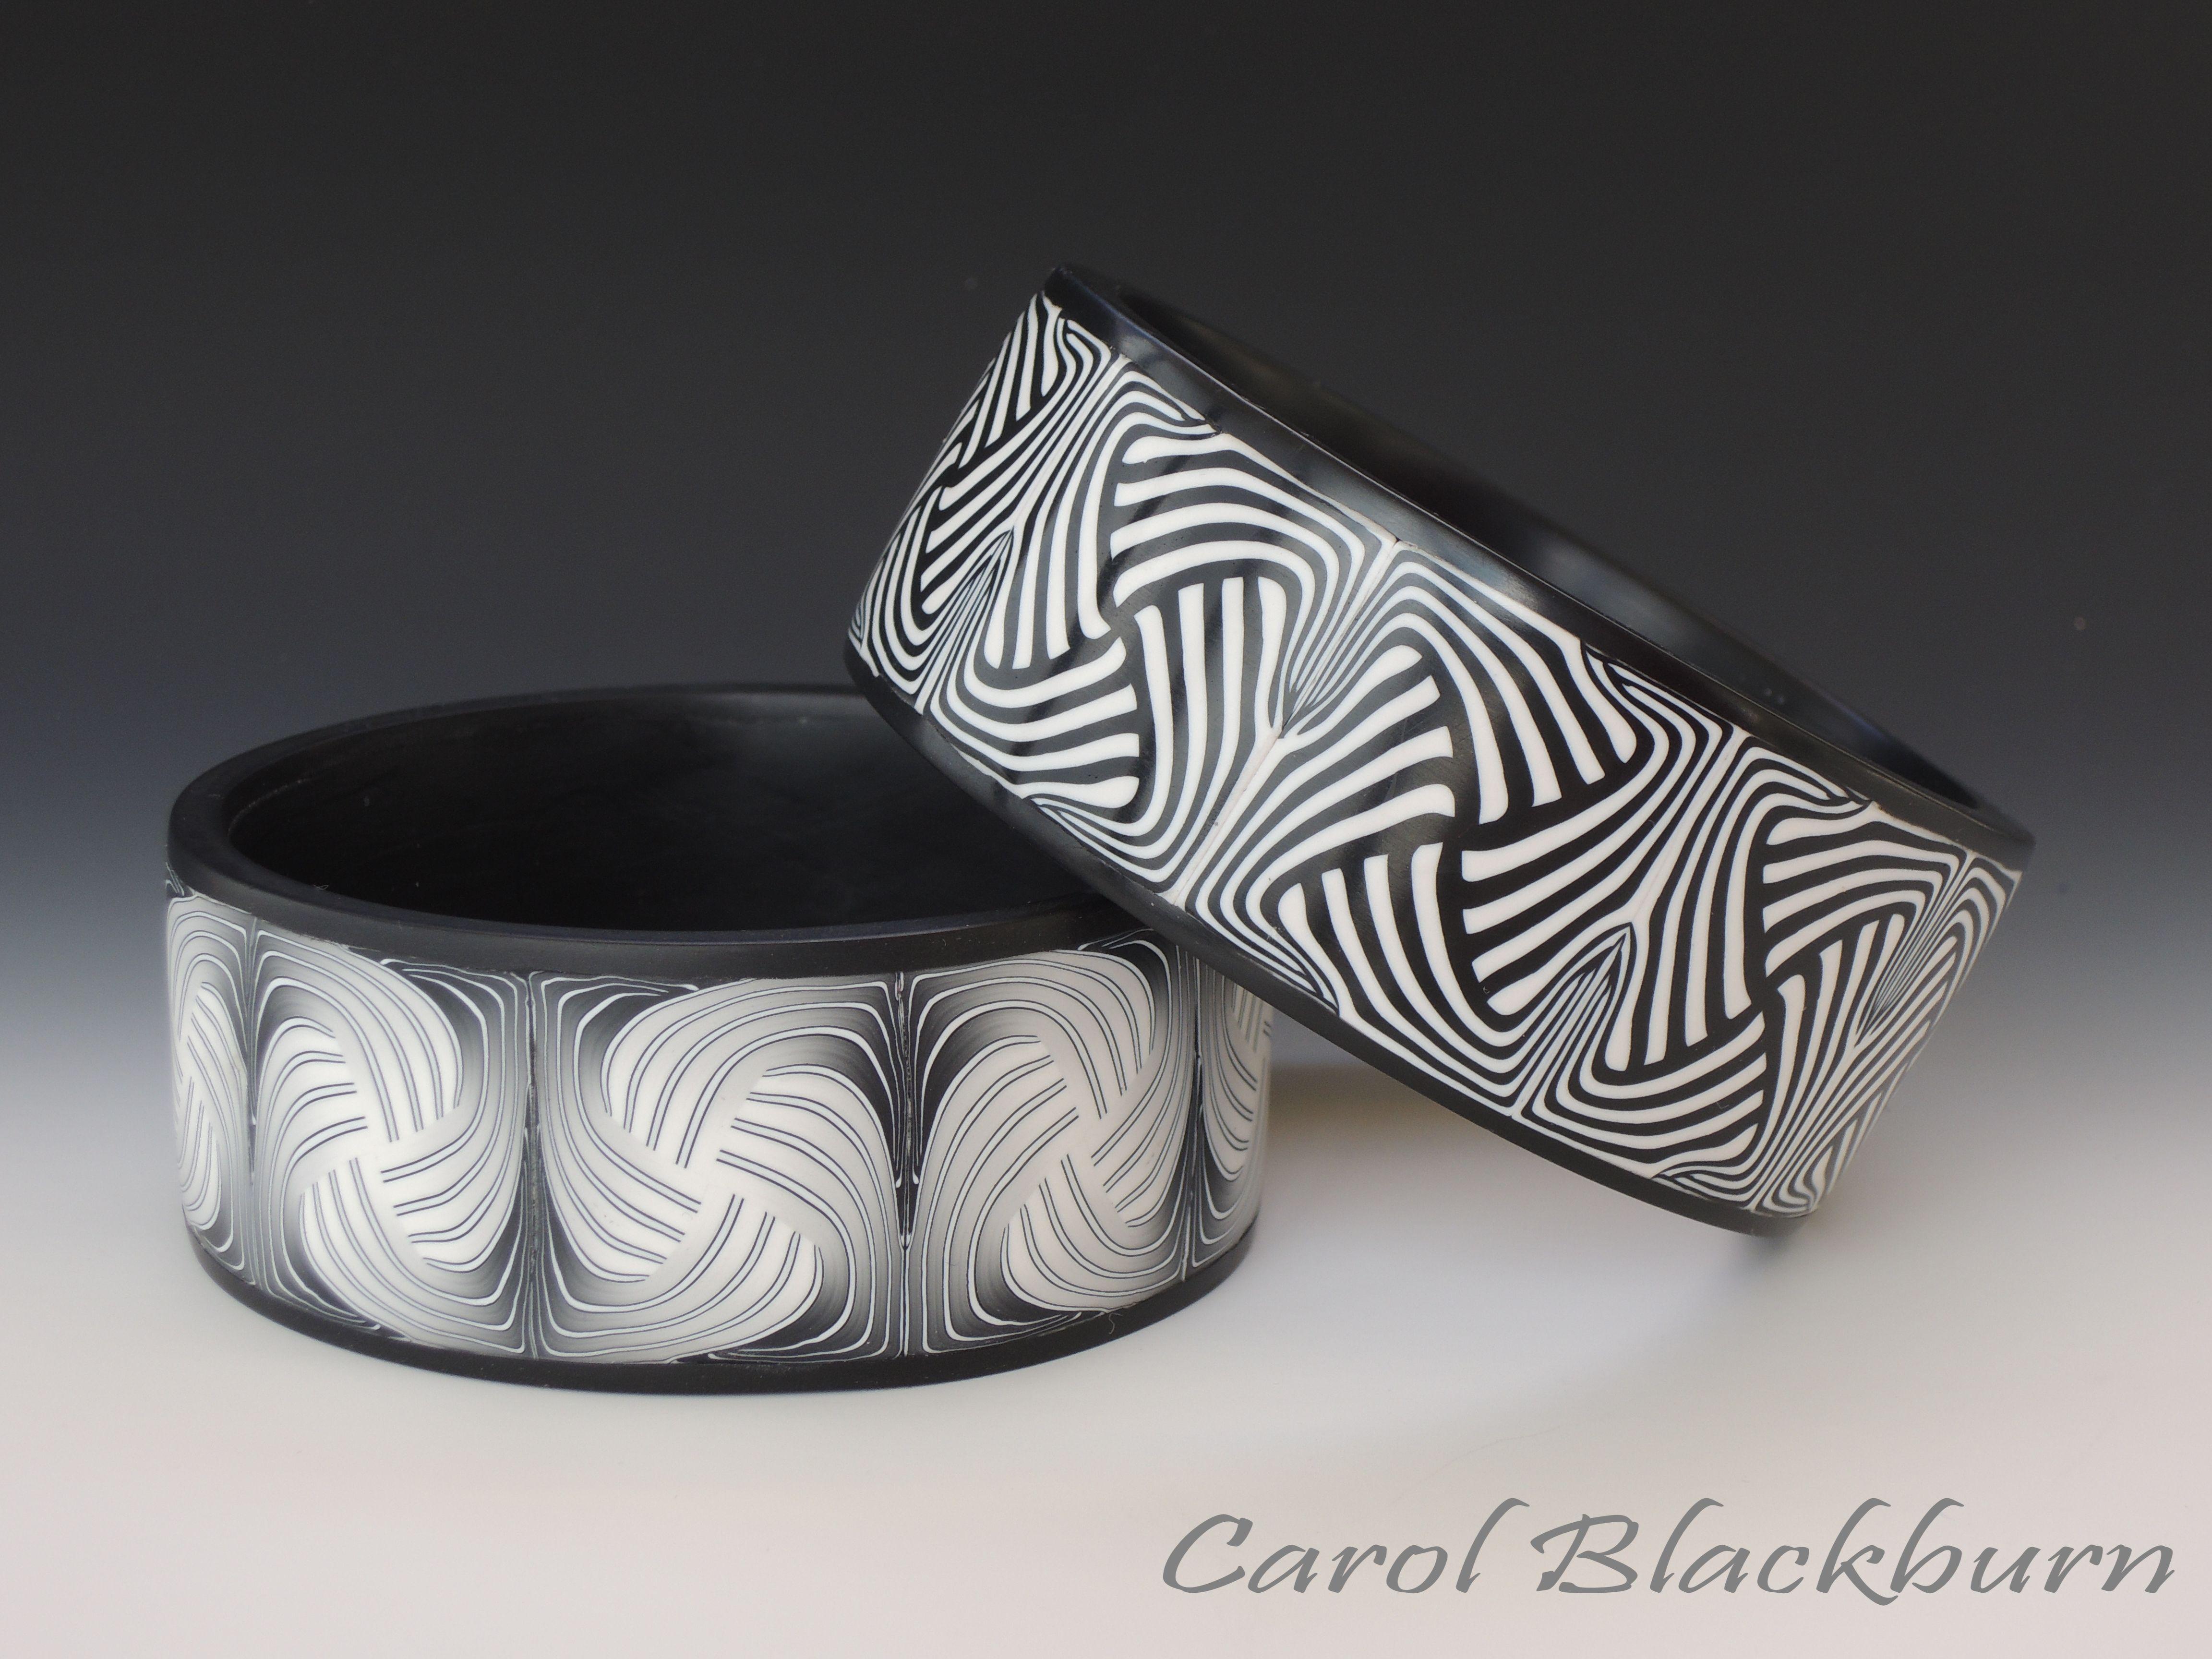 Carol Blackburn, bangles in Network pattern, polymer clay.